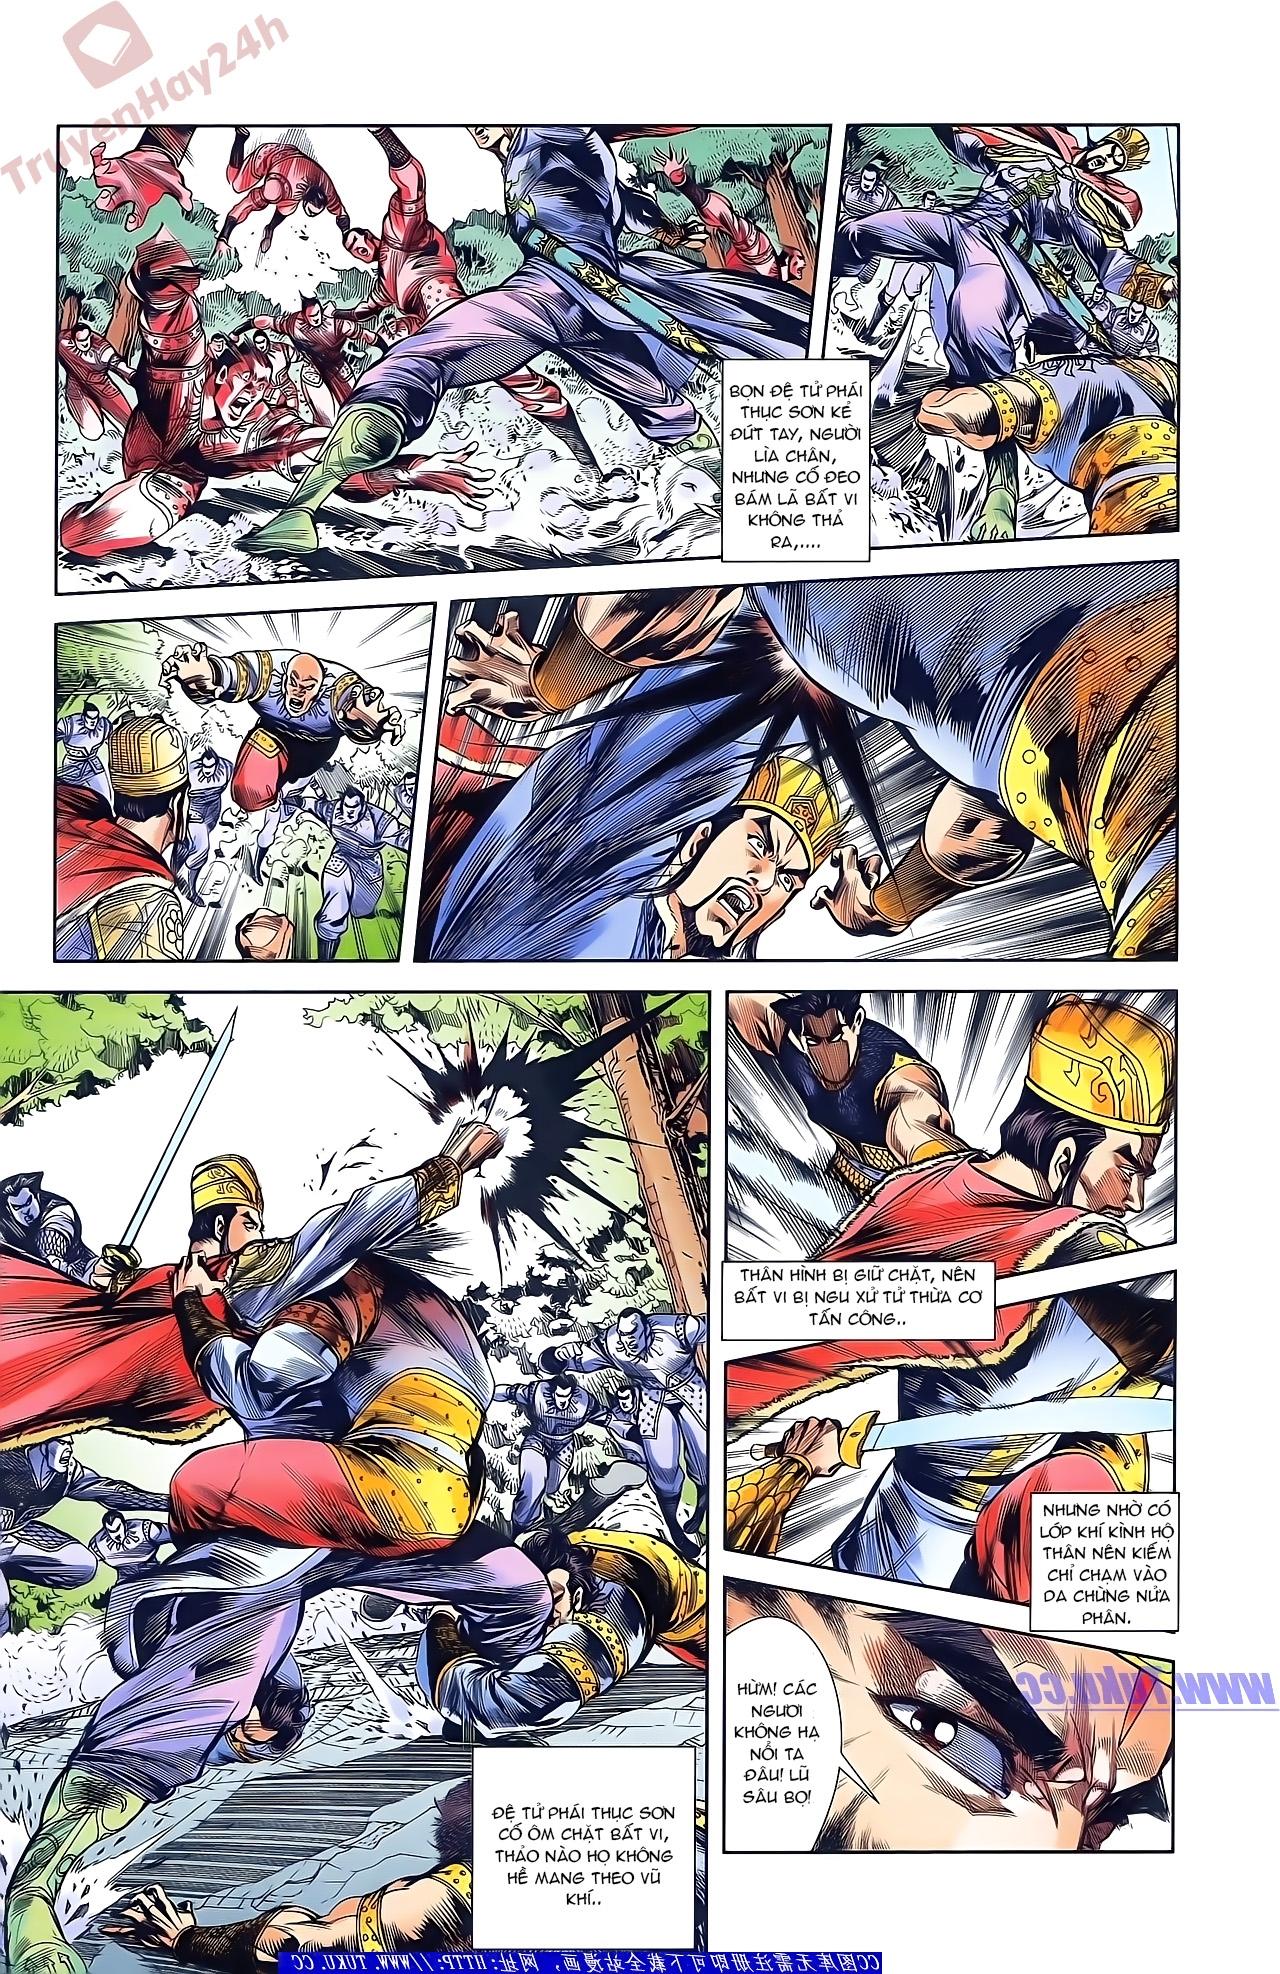 Tần Vương Doanh Chính chapter 45 trang 24